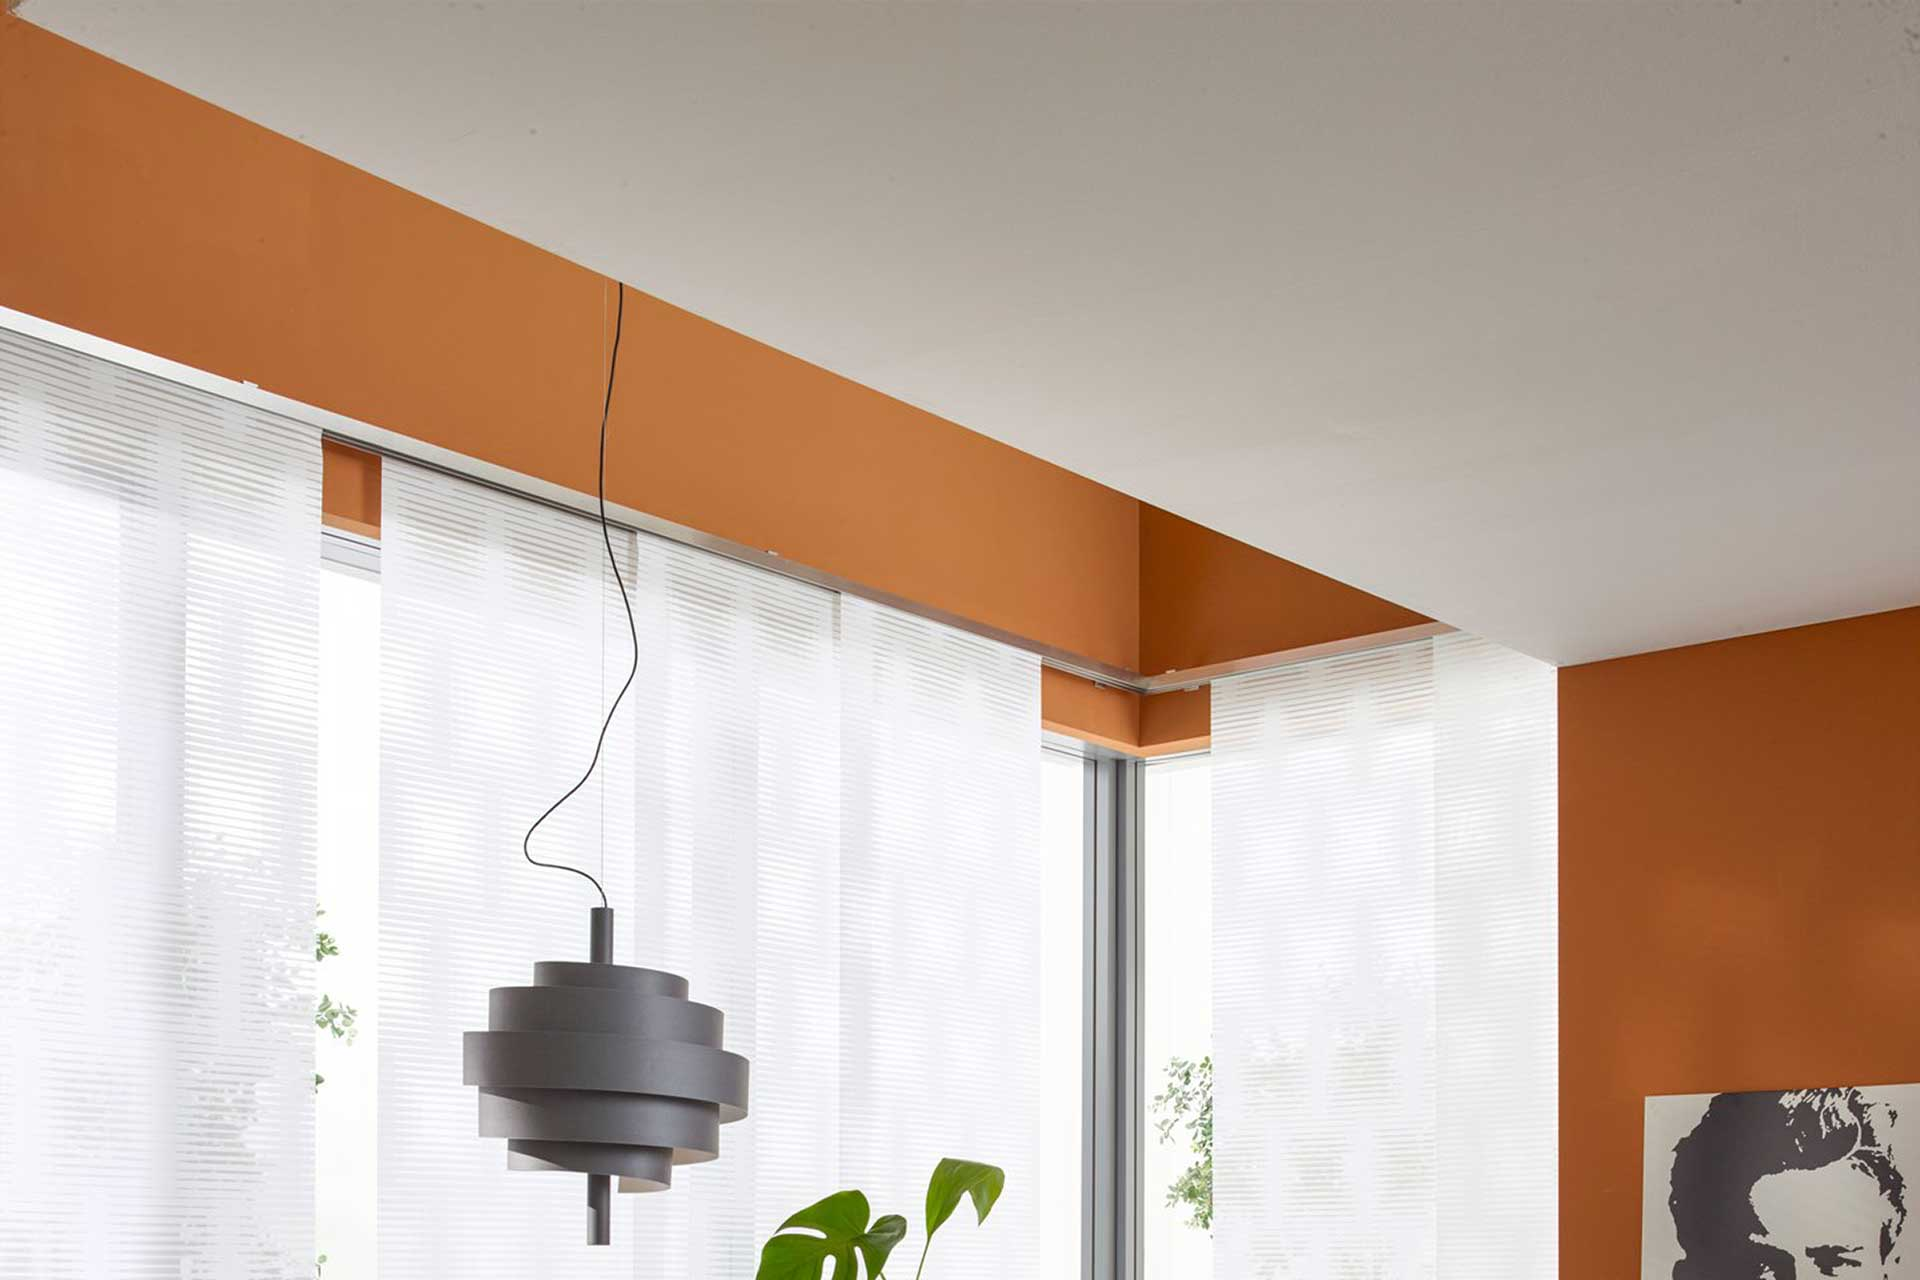 jab-anstoetz_telscher-raumausstattung_fensterdekoration_sticks_ps2084-090_m Fensterdekoration